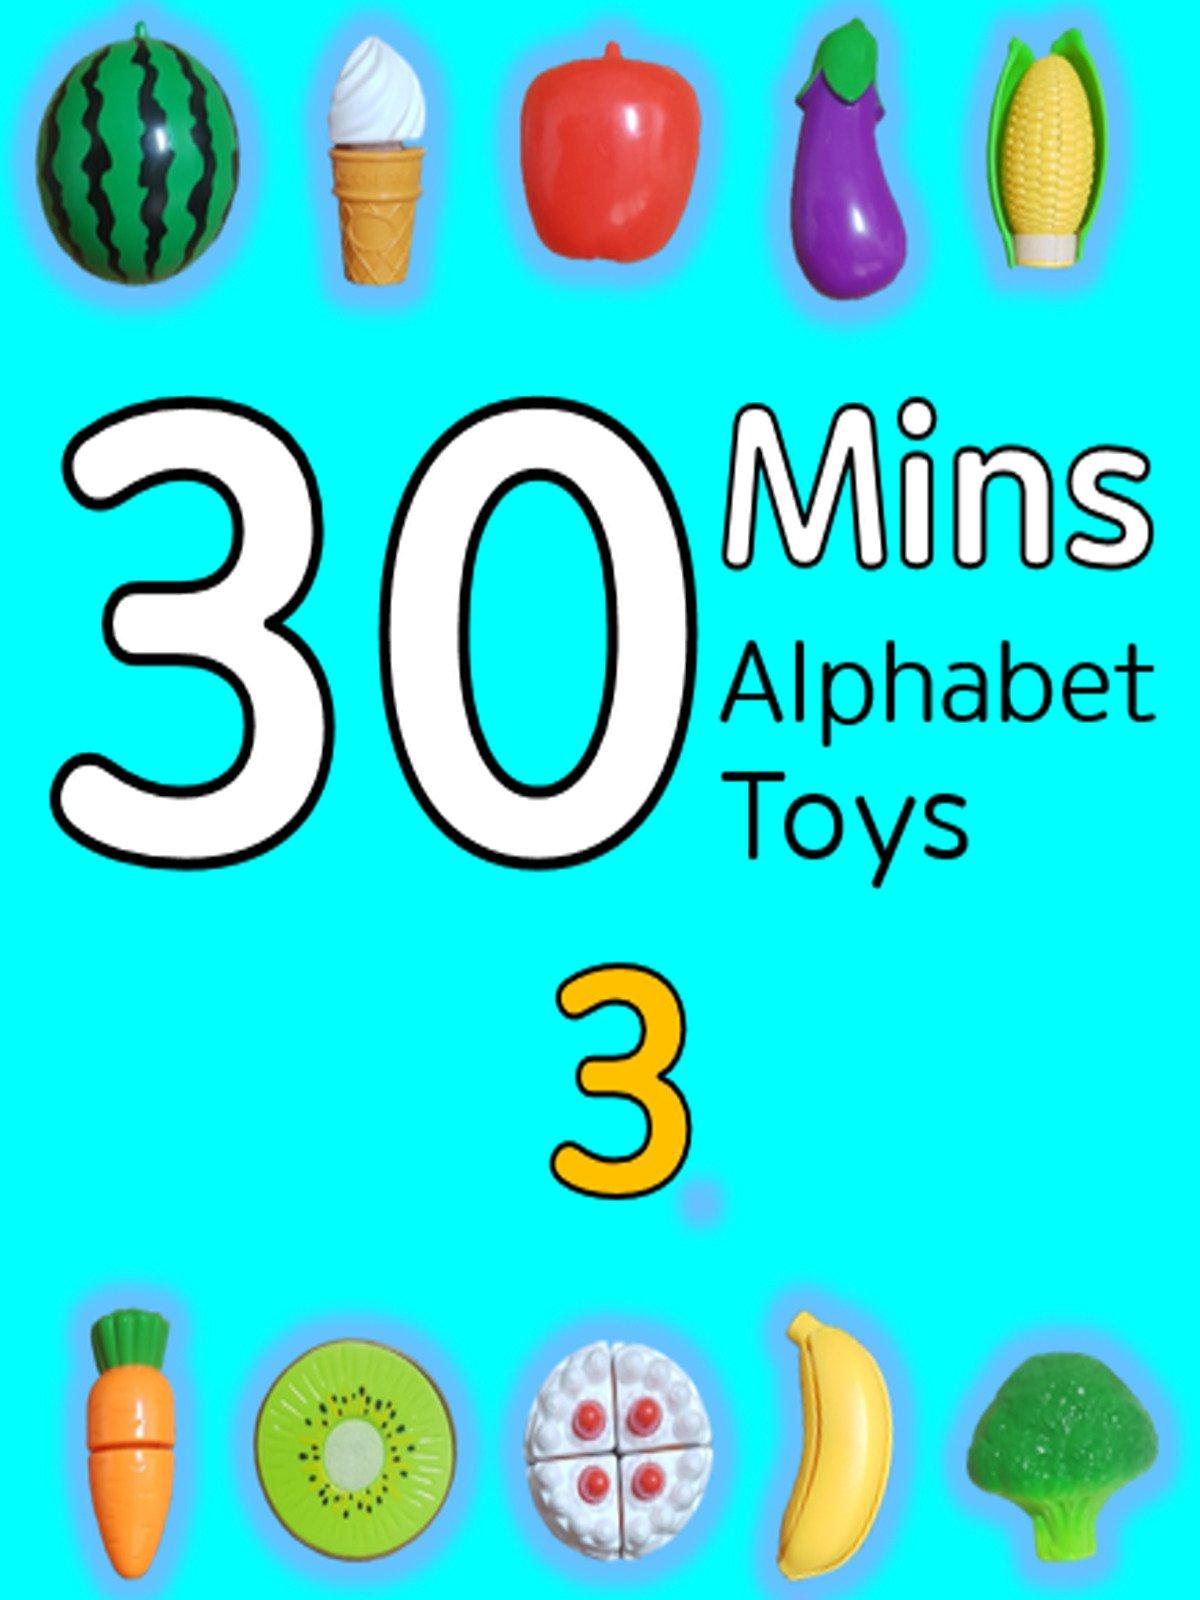 30 Minutes Alphabet Toys #3